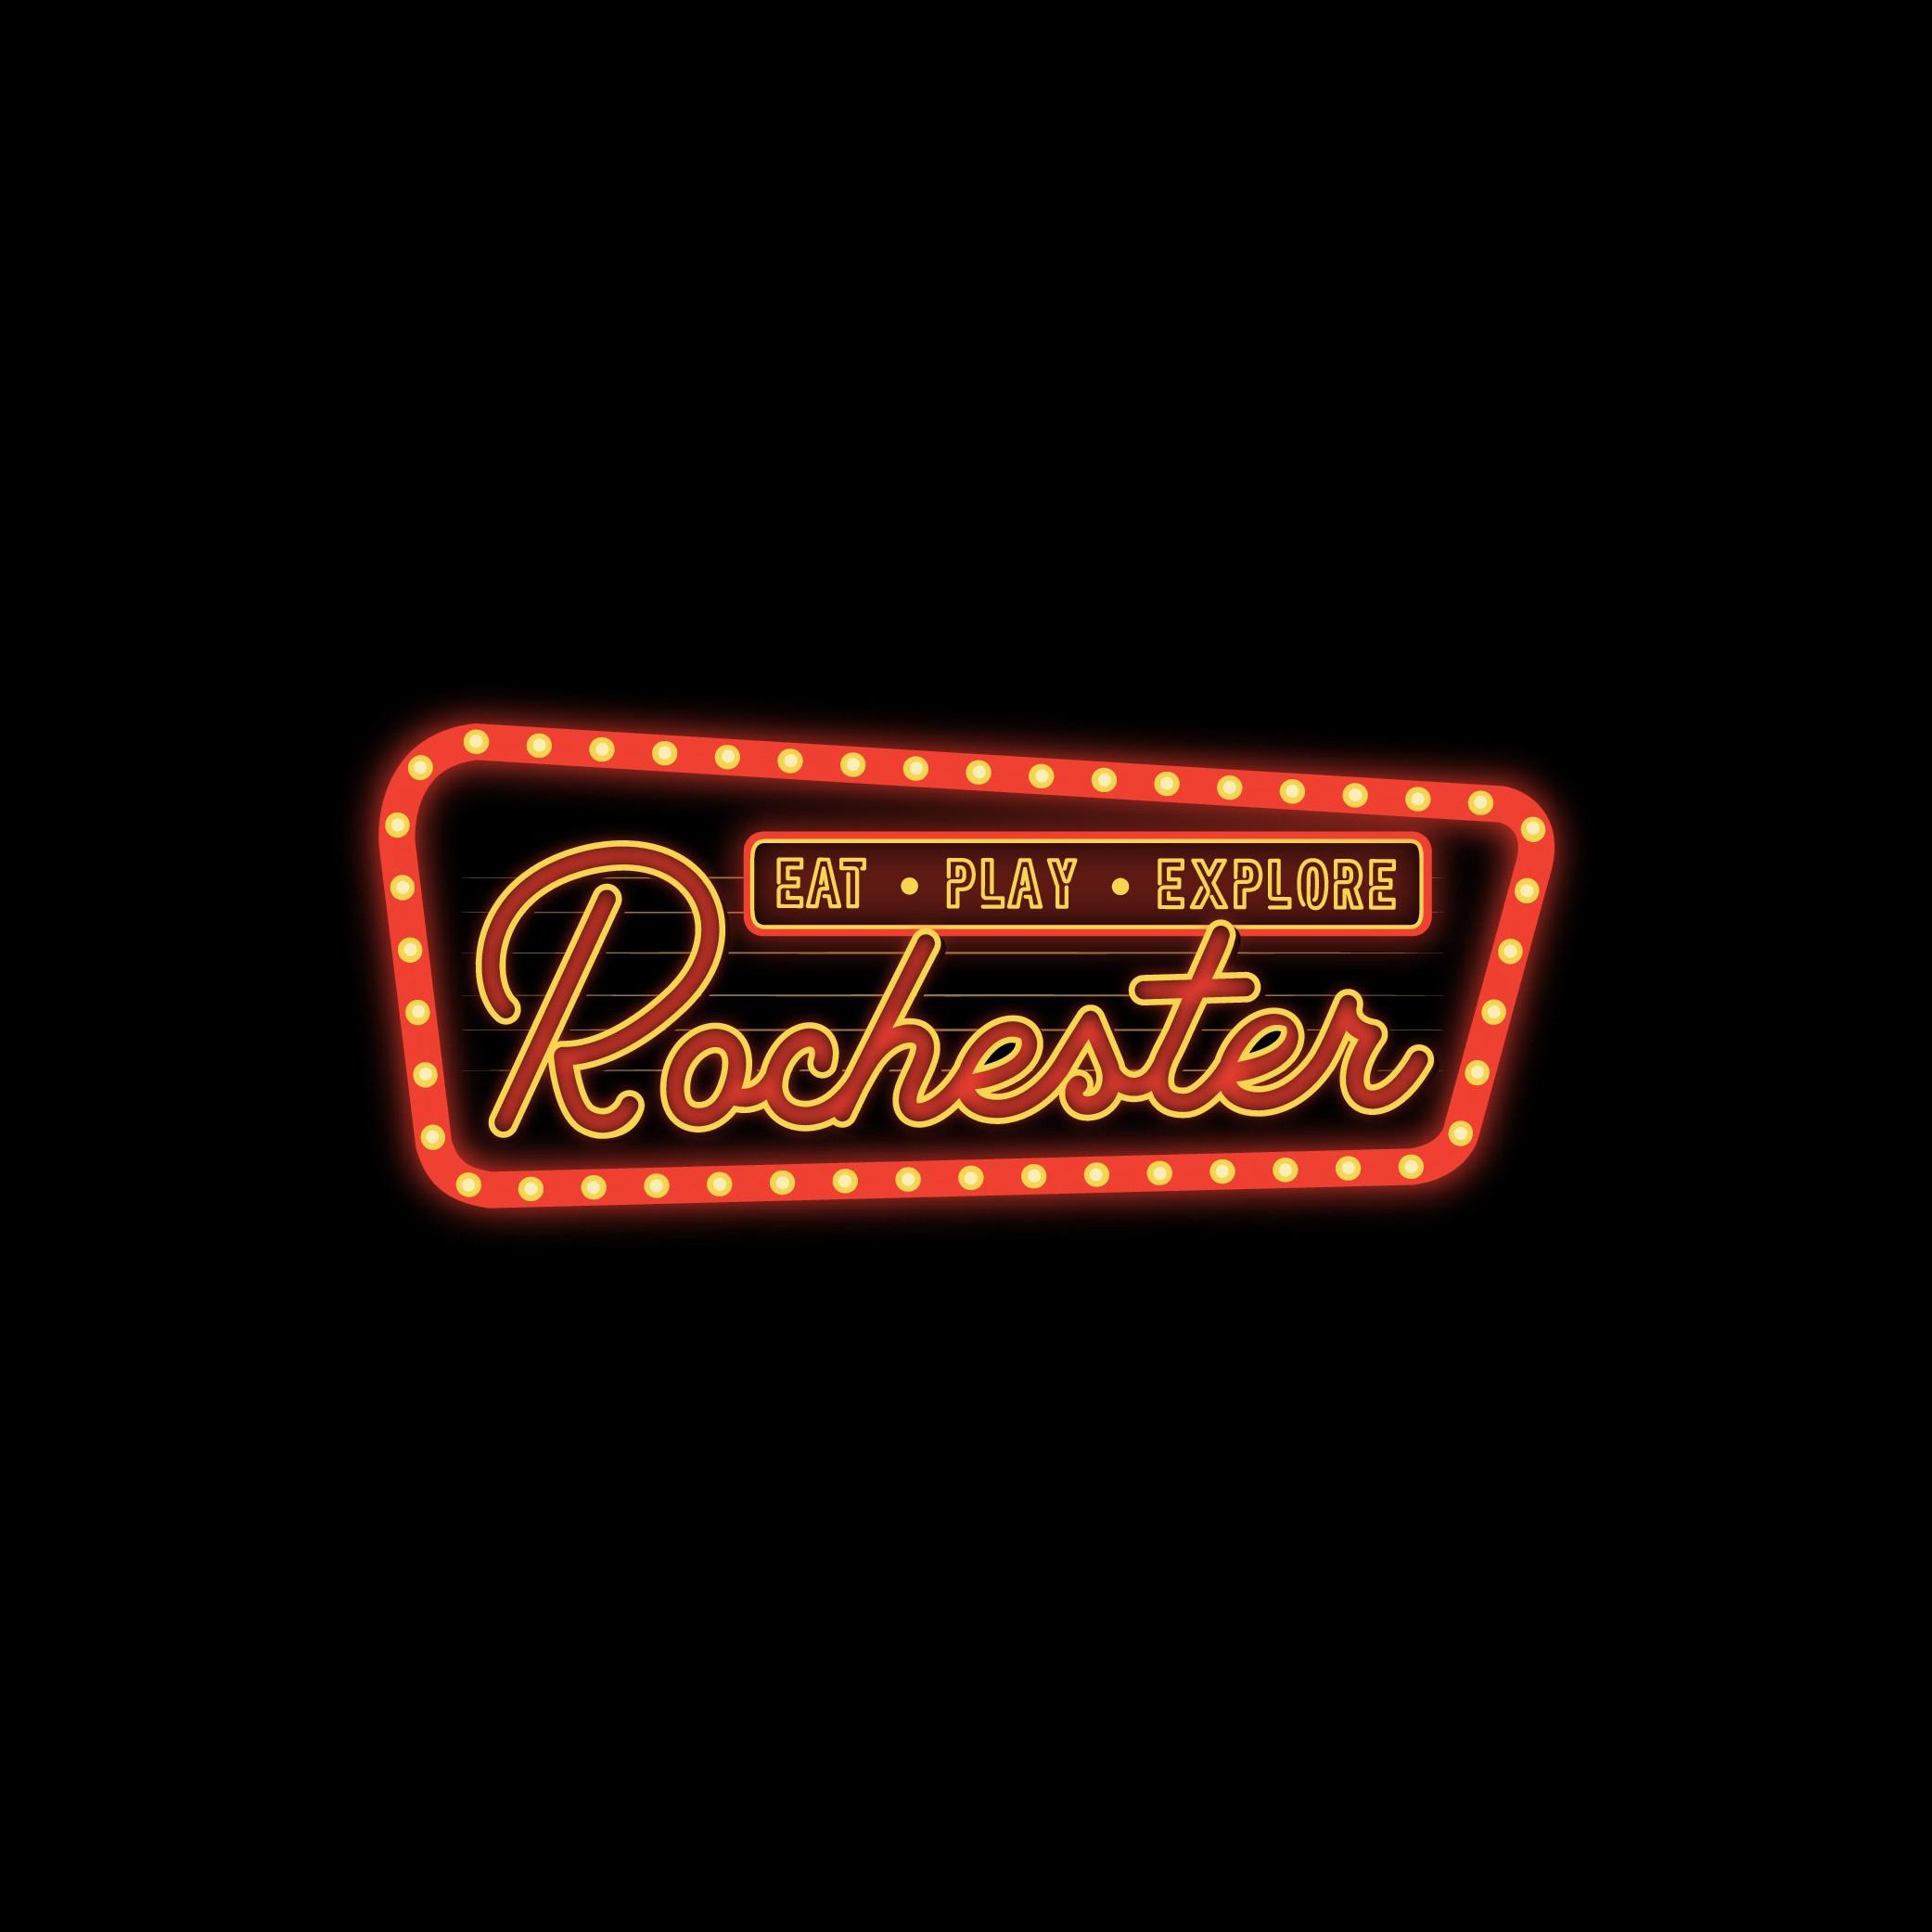 Design a Hot Logo for a TV Show & Community Spotlight Page